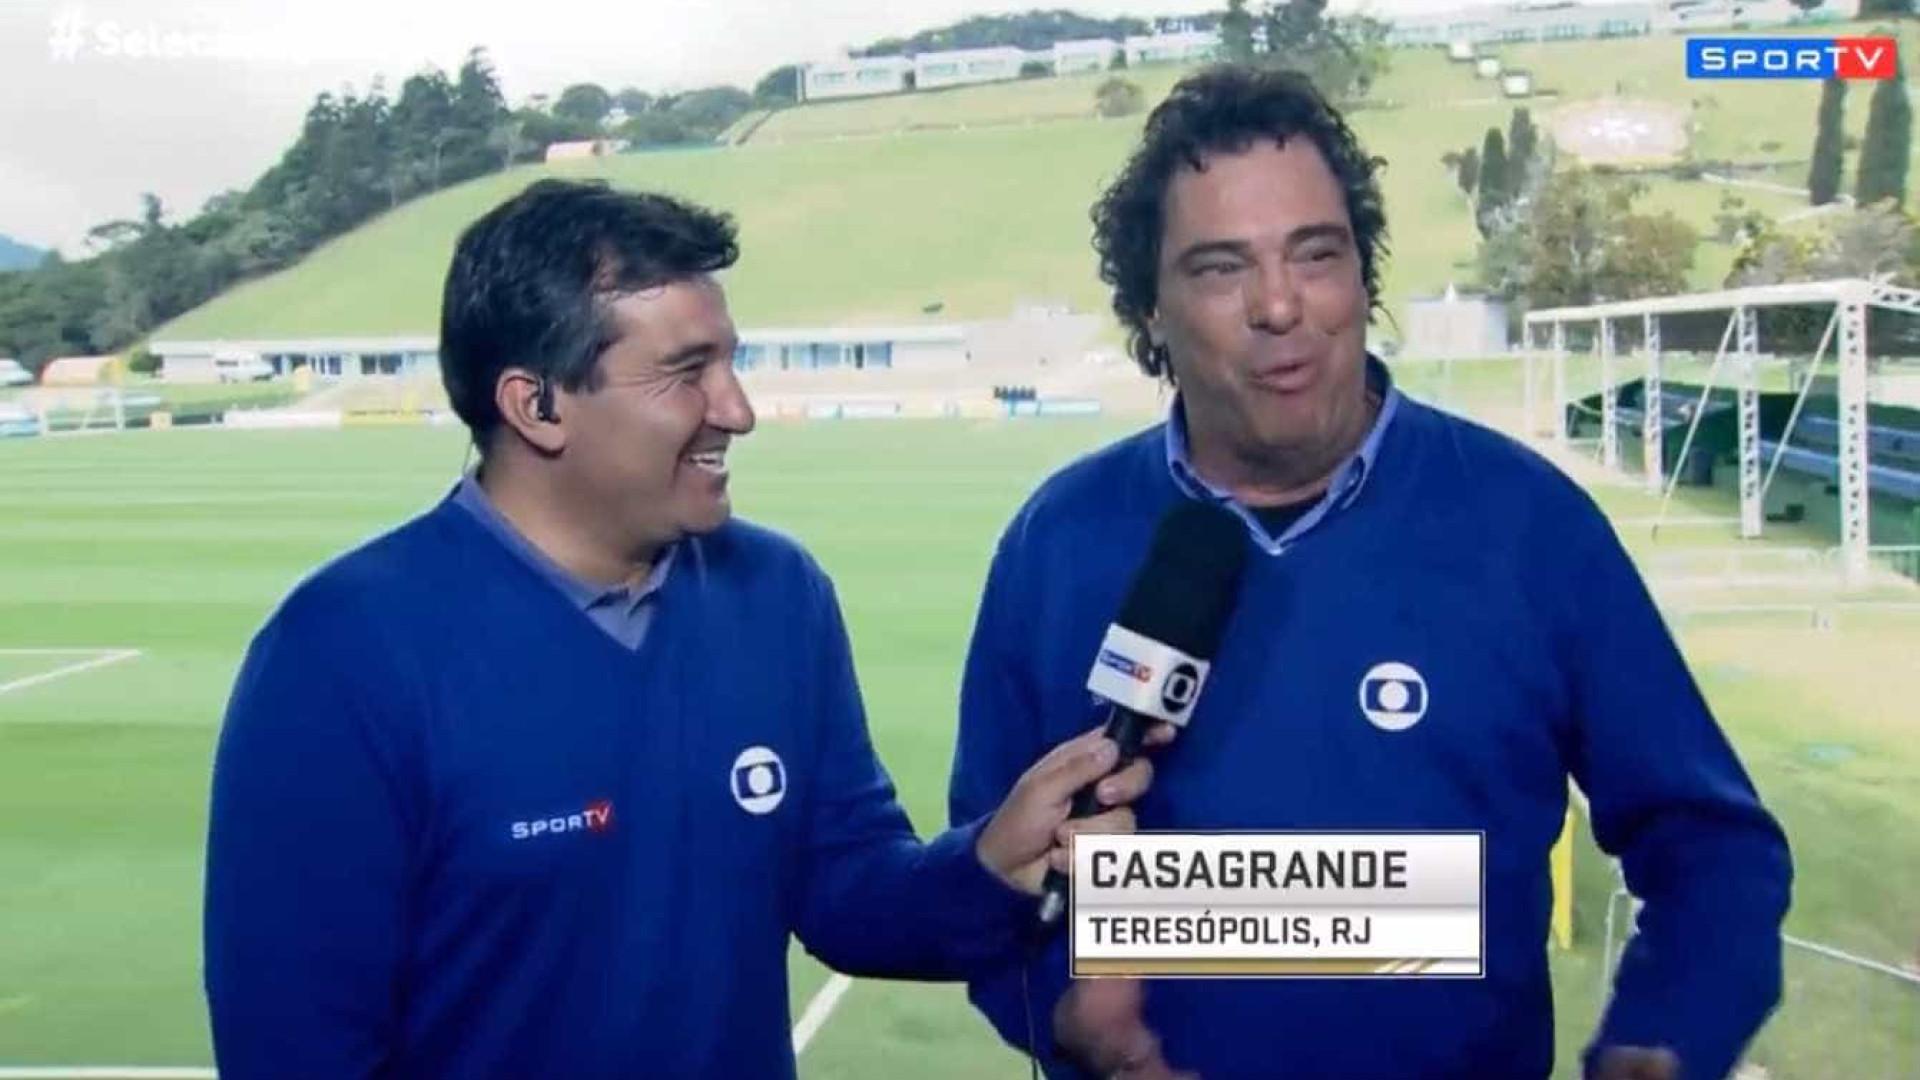 Após 'soneca' ao vivo, Casagrande brinca com repórter: 'Me dá um toque'